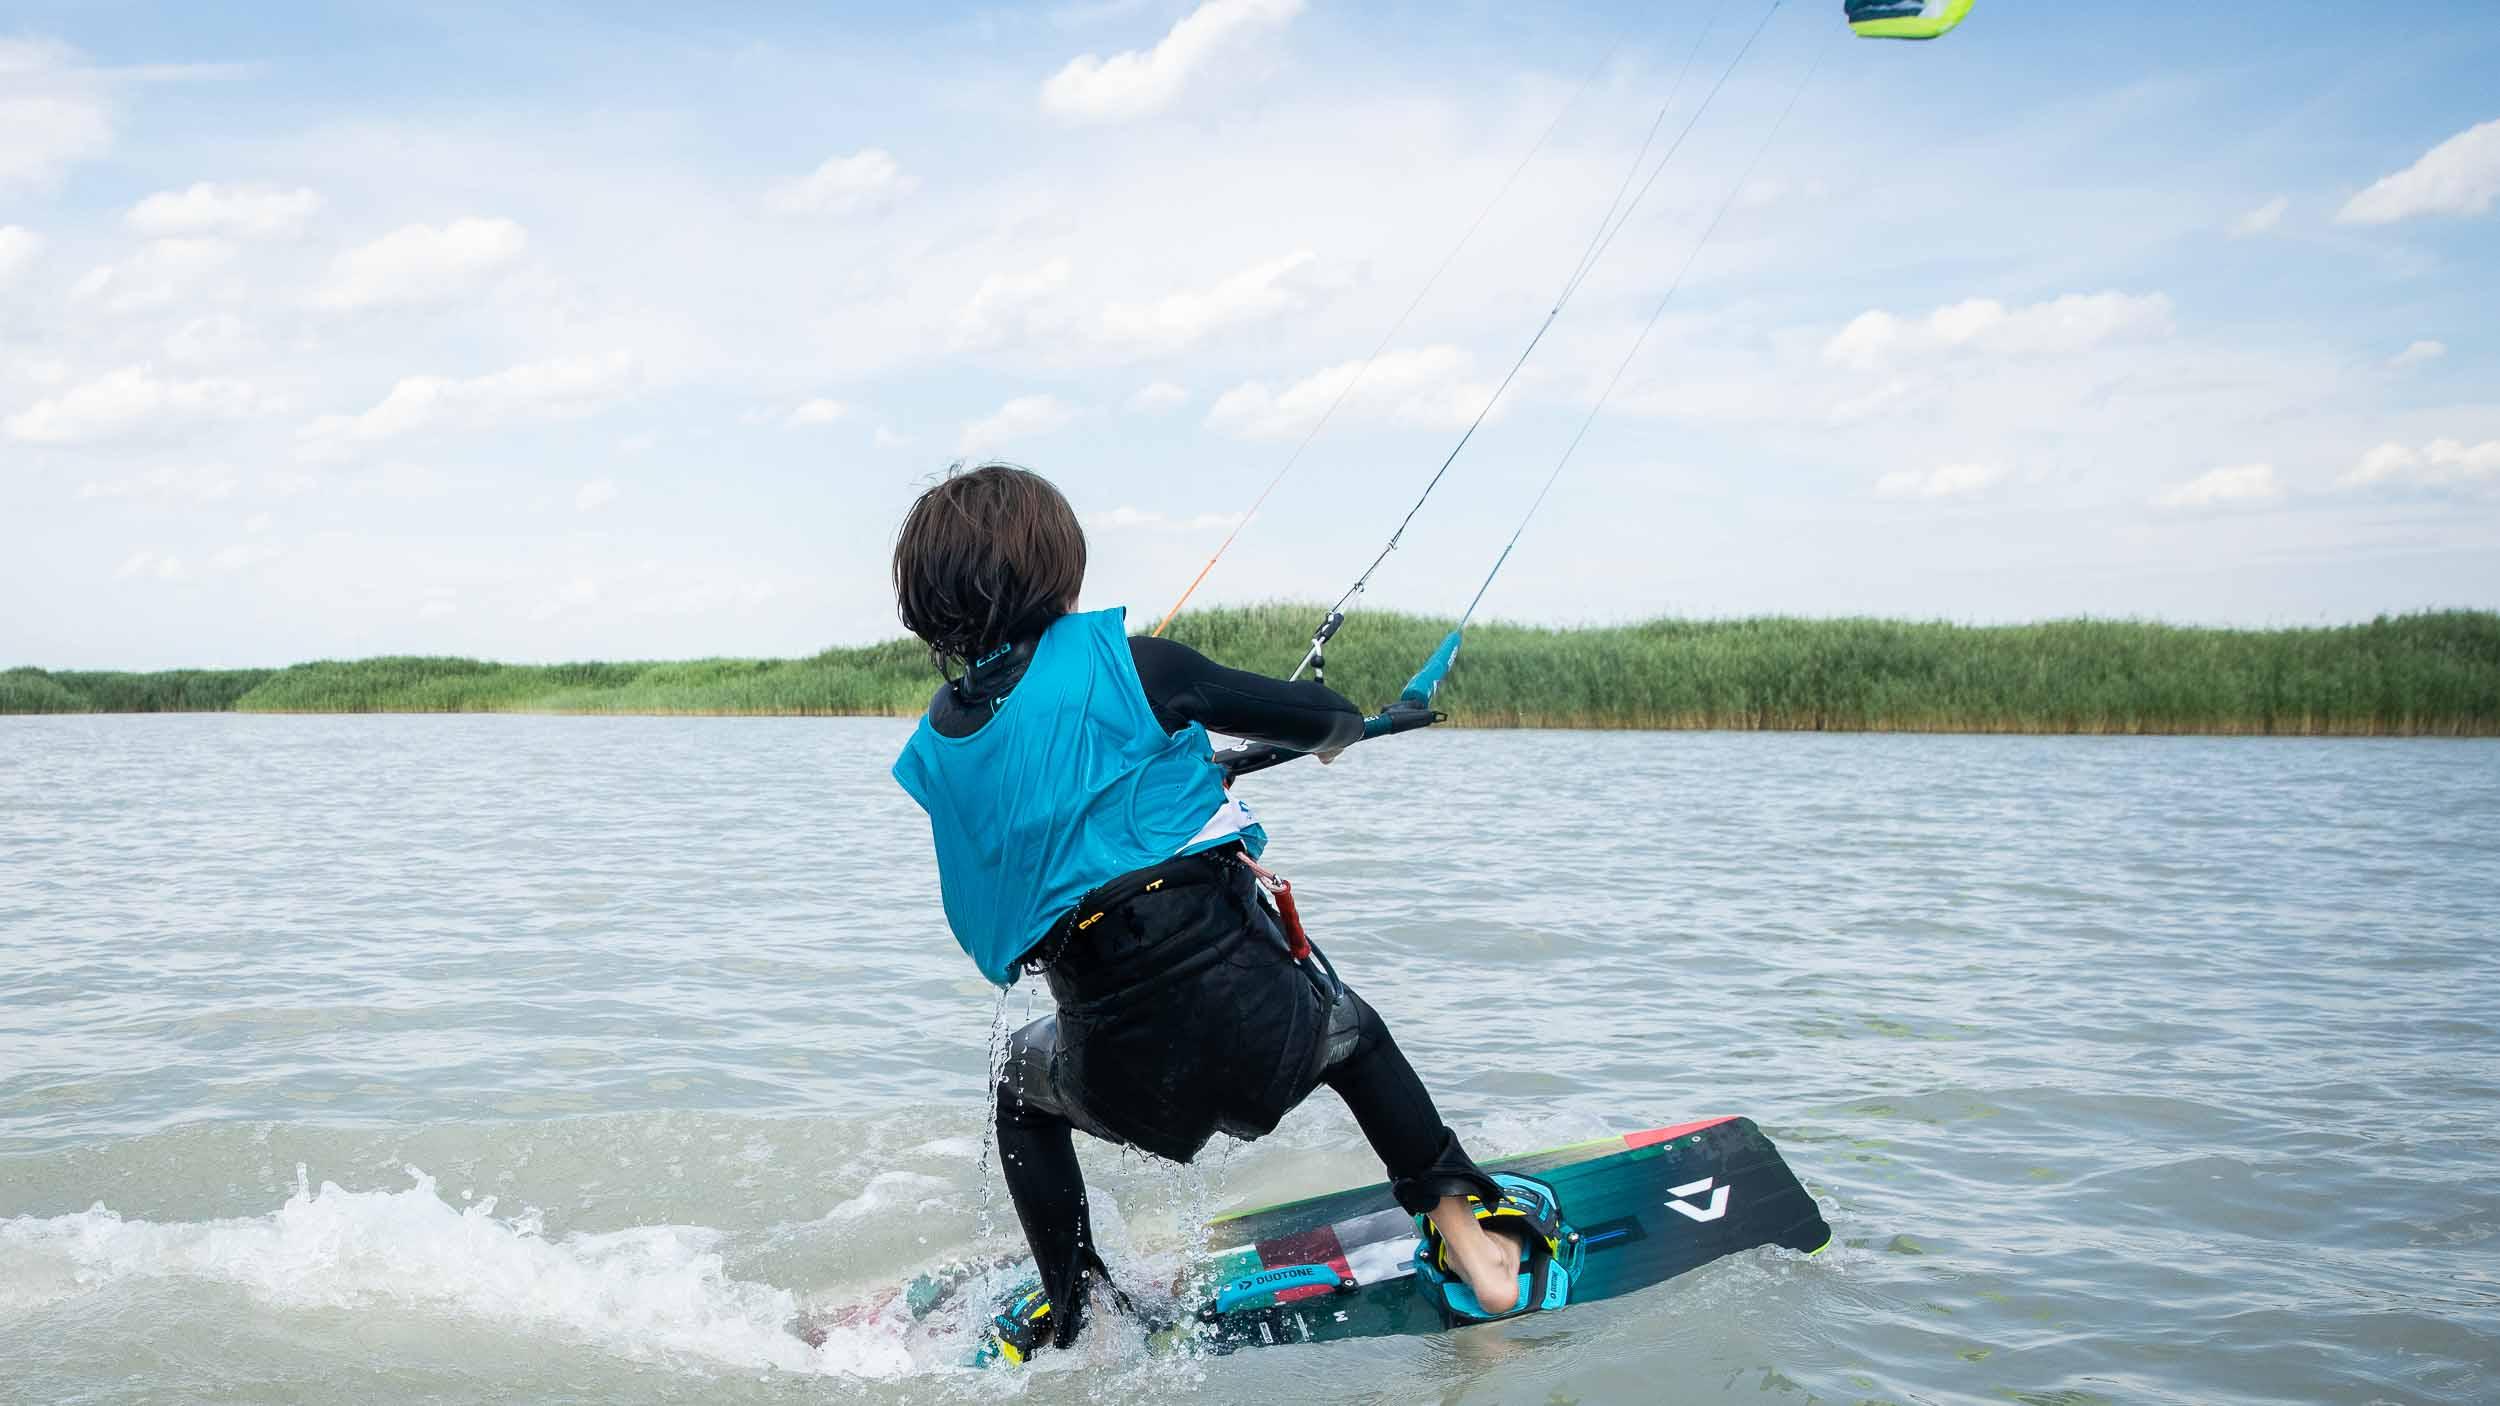 Erste Startversuche im Wasser